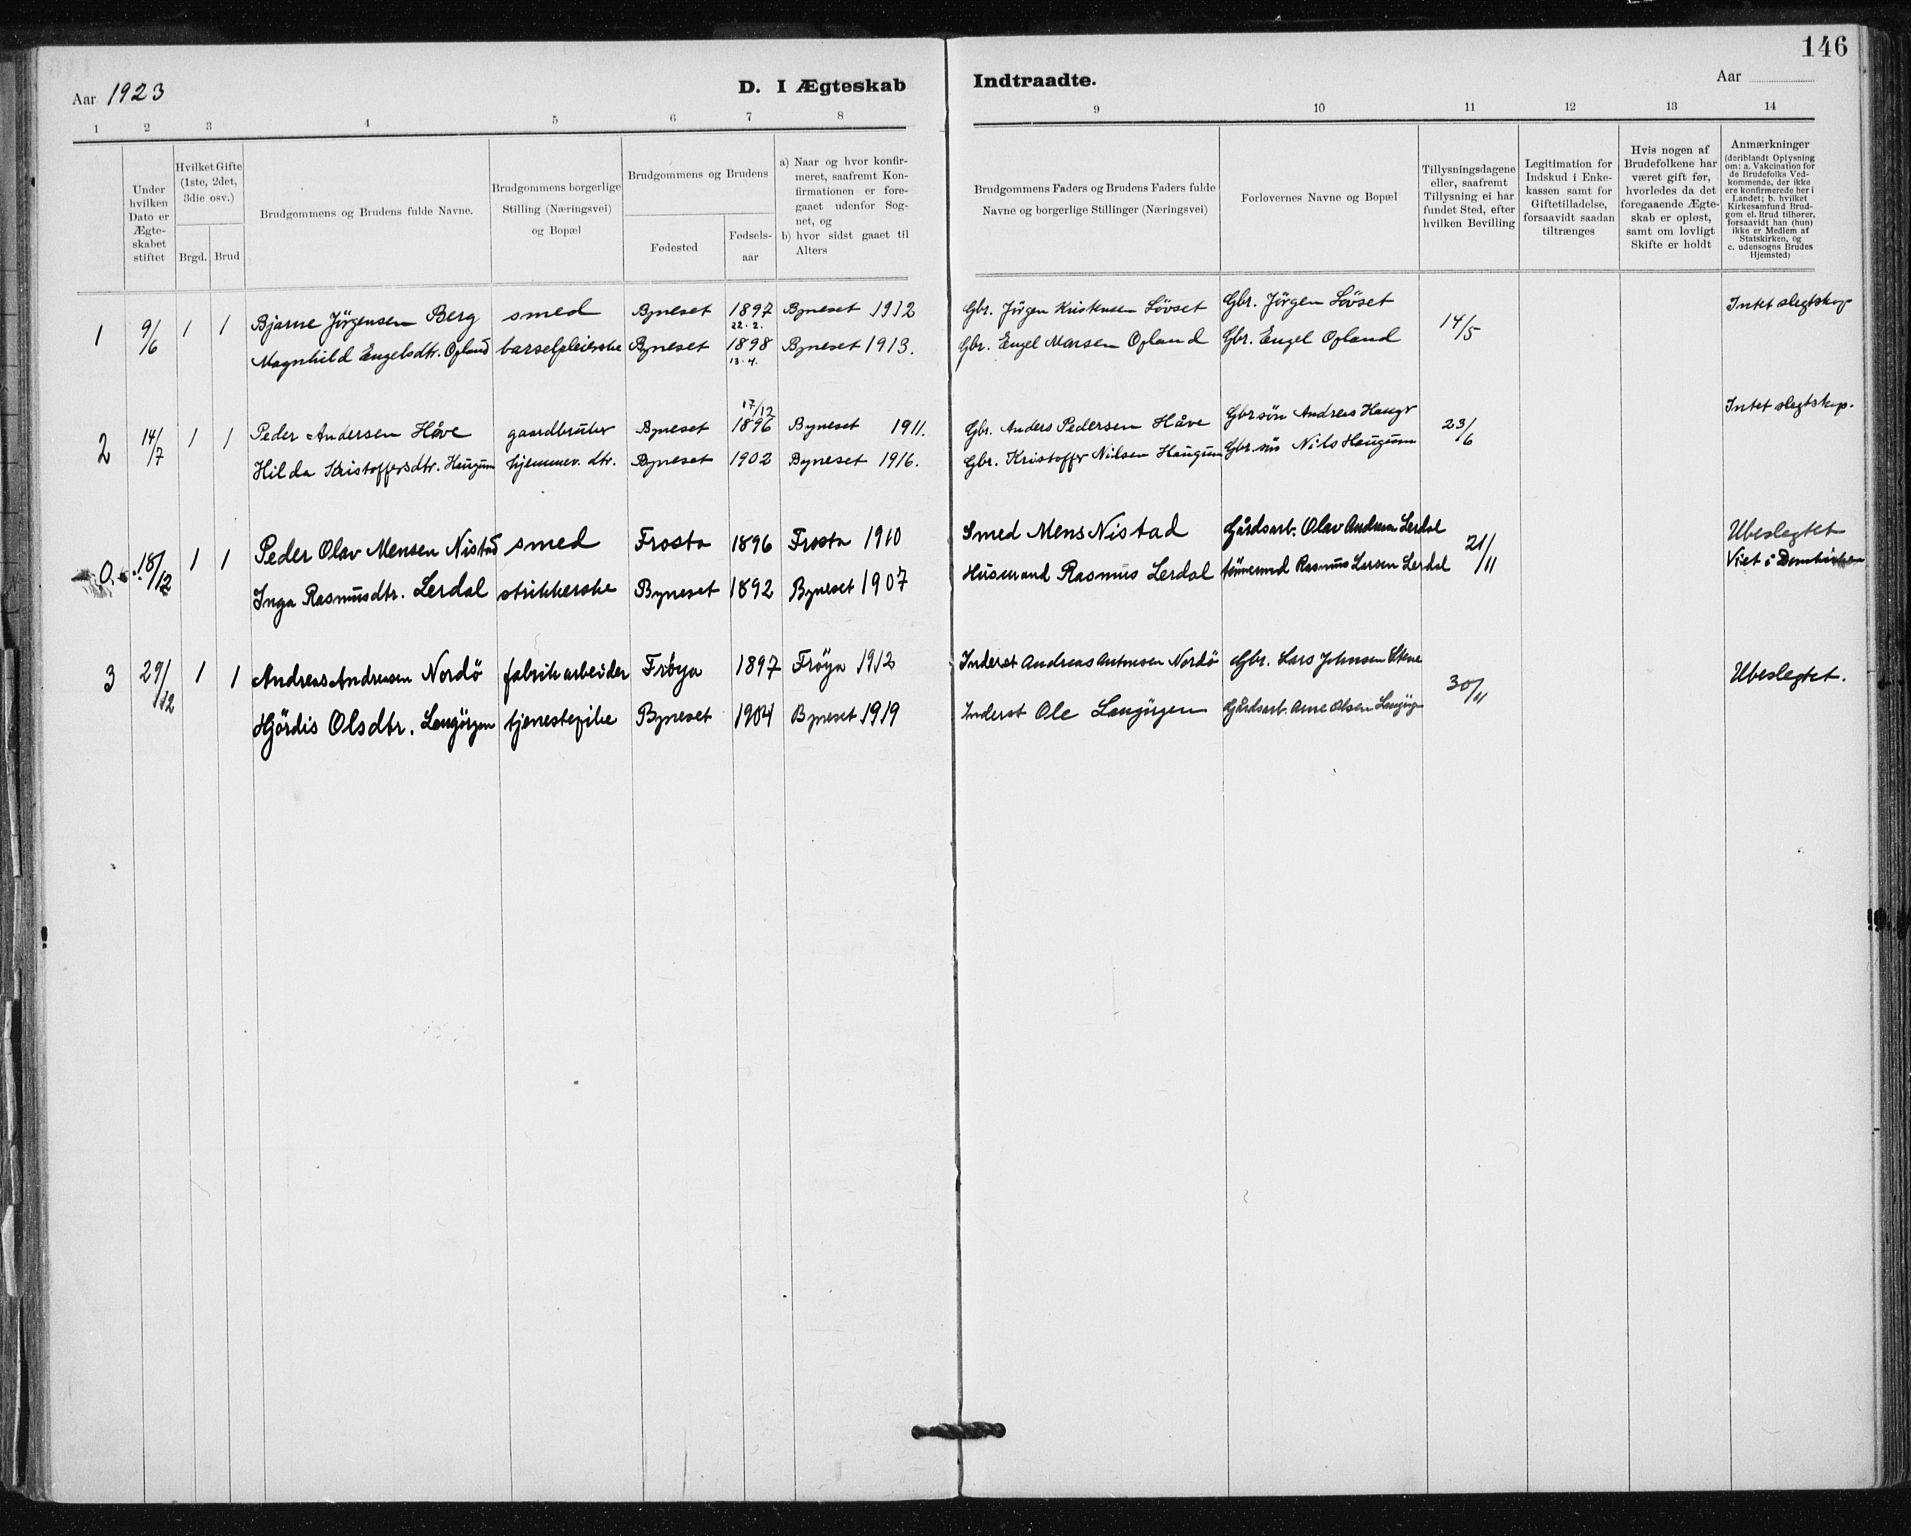 SAT, Ministerialprotokoller, klokkerbøker og fødselsregistre - Sør-Trøndelag, 612/L0381: Ministerialbok nr. 612A13, 1907-1923, s. 146